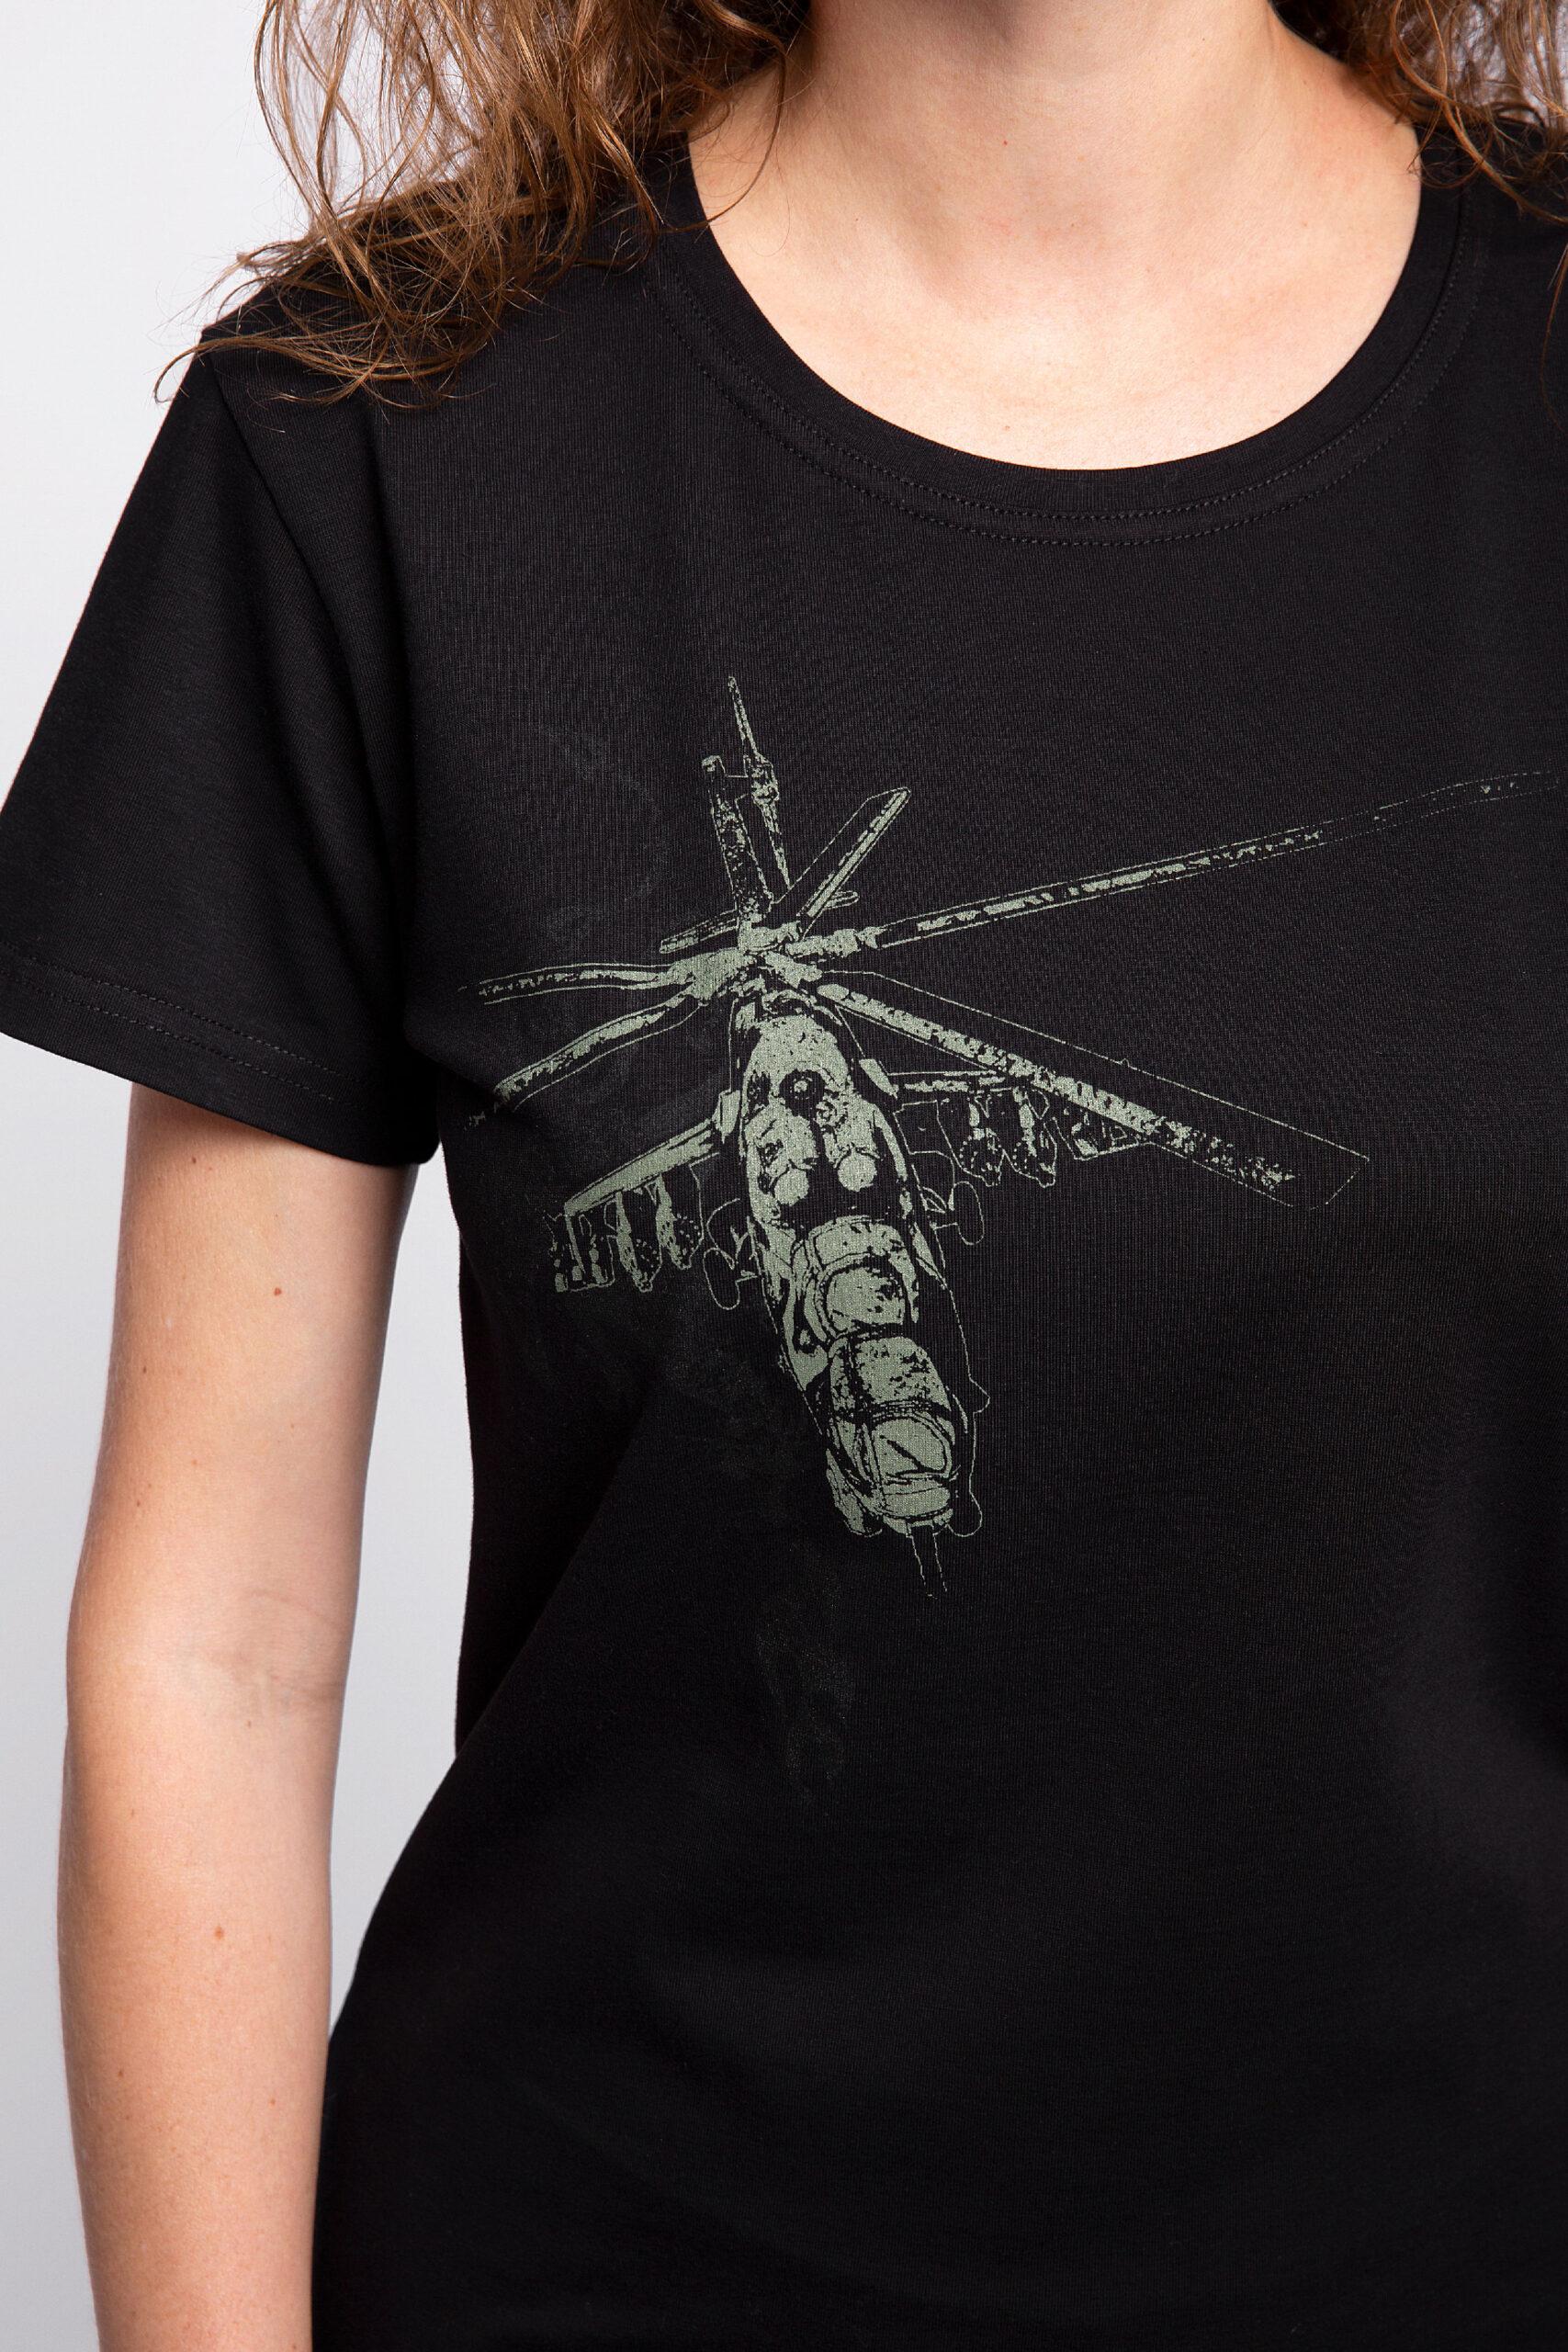 Жіноча Футболка Вогонь Запеклих 3.0. Колір чорний.  На жіночій фігурі футболка виглядає просто чудово!  Матеріал: 95% бавовна, 5% спандекс.